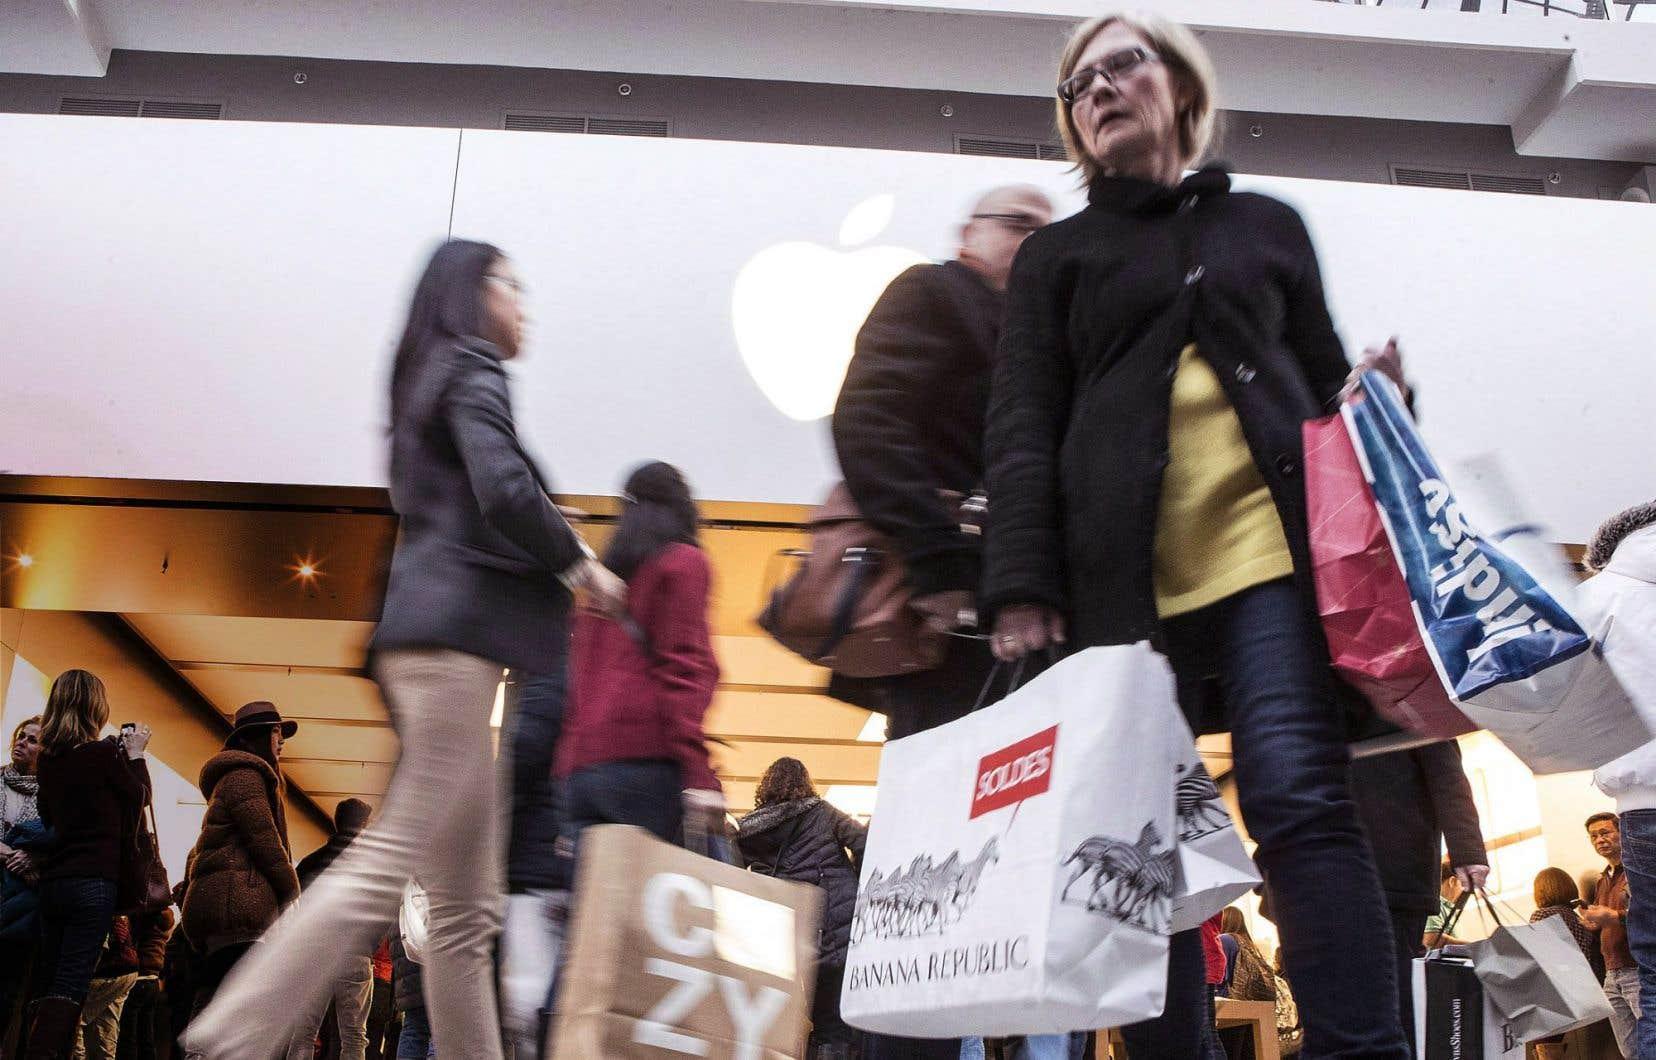 «Les consommateurs ont continué d'afficher une belle vigueur alors que les solides gains sur le marché du travail se traduisent par une hausse des revenus», a analysé l'économiste de la Banque Nationale Matthieu Arsenau.